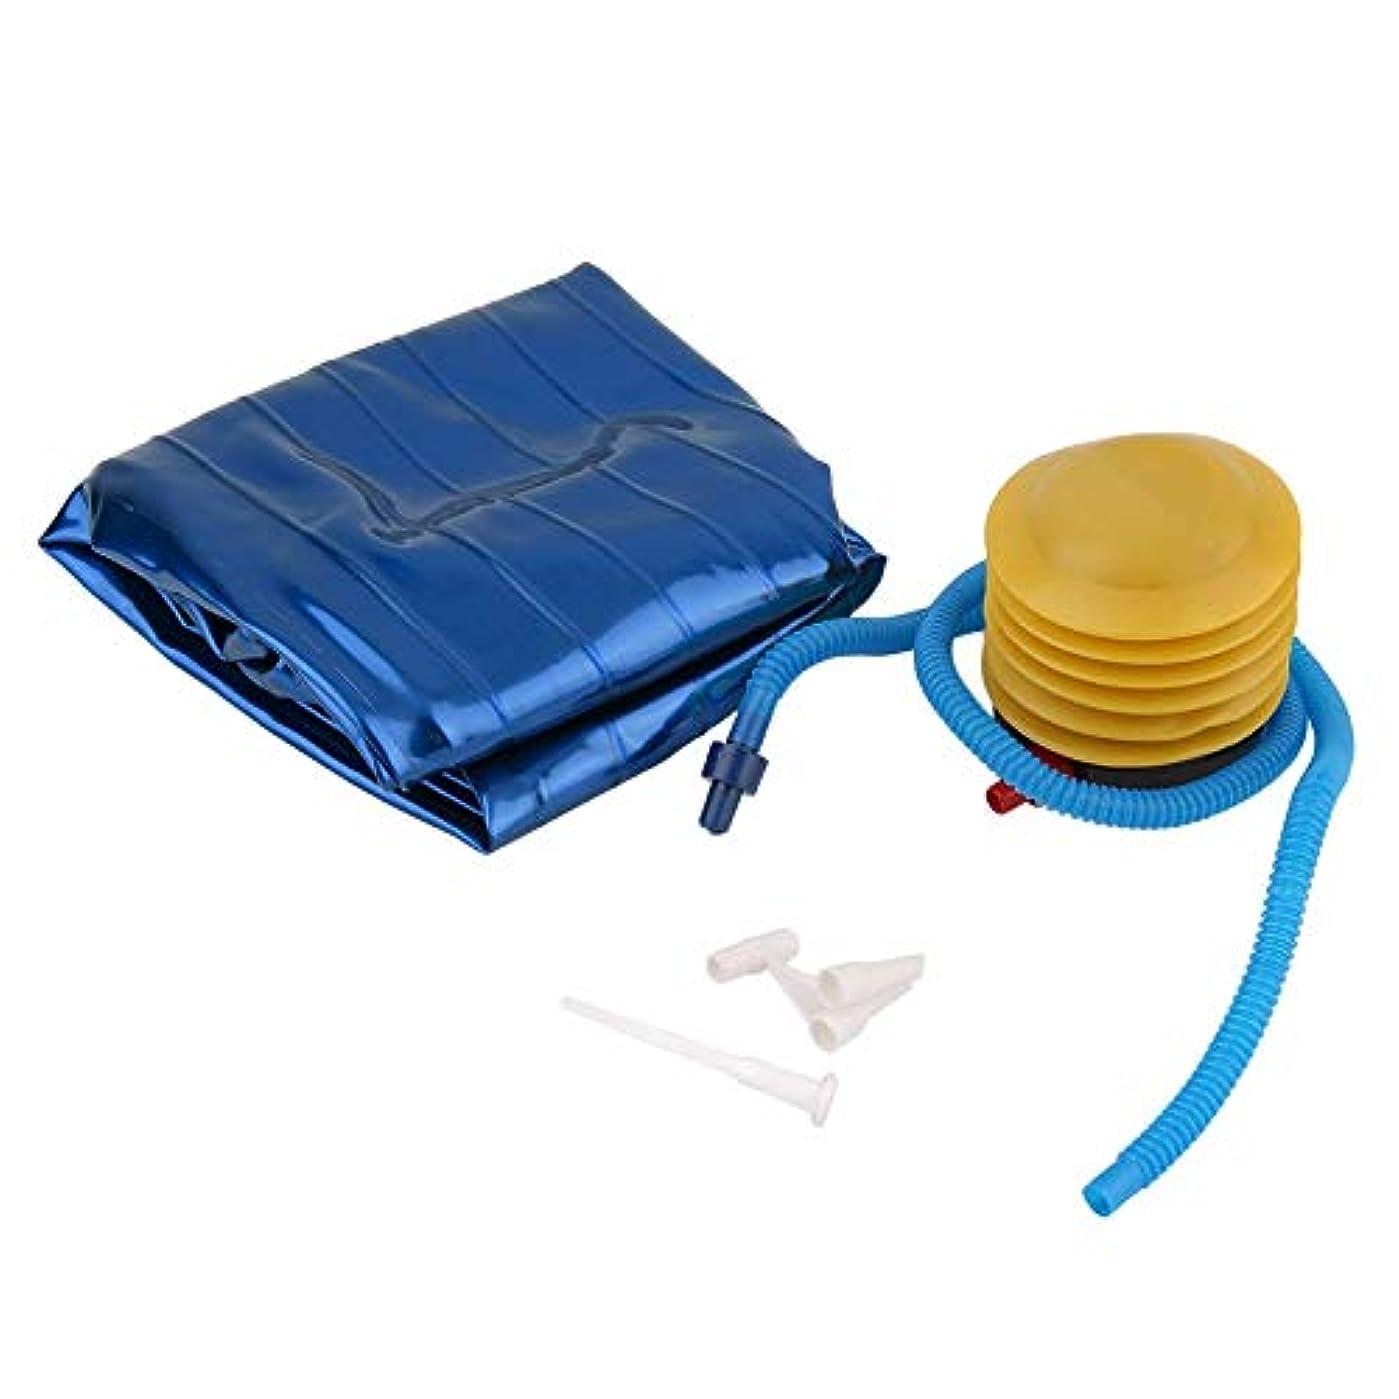 ベーリング海峡繊維代表フィットネスピラティスヨガボールユーティリティウェイトトレーニング柔軟性バランススポーツ厚みのあるpvc滑り止めフィットネス用ポンププラグ - ブルー85 cm